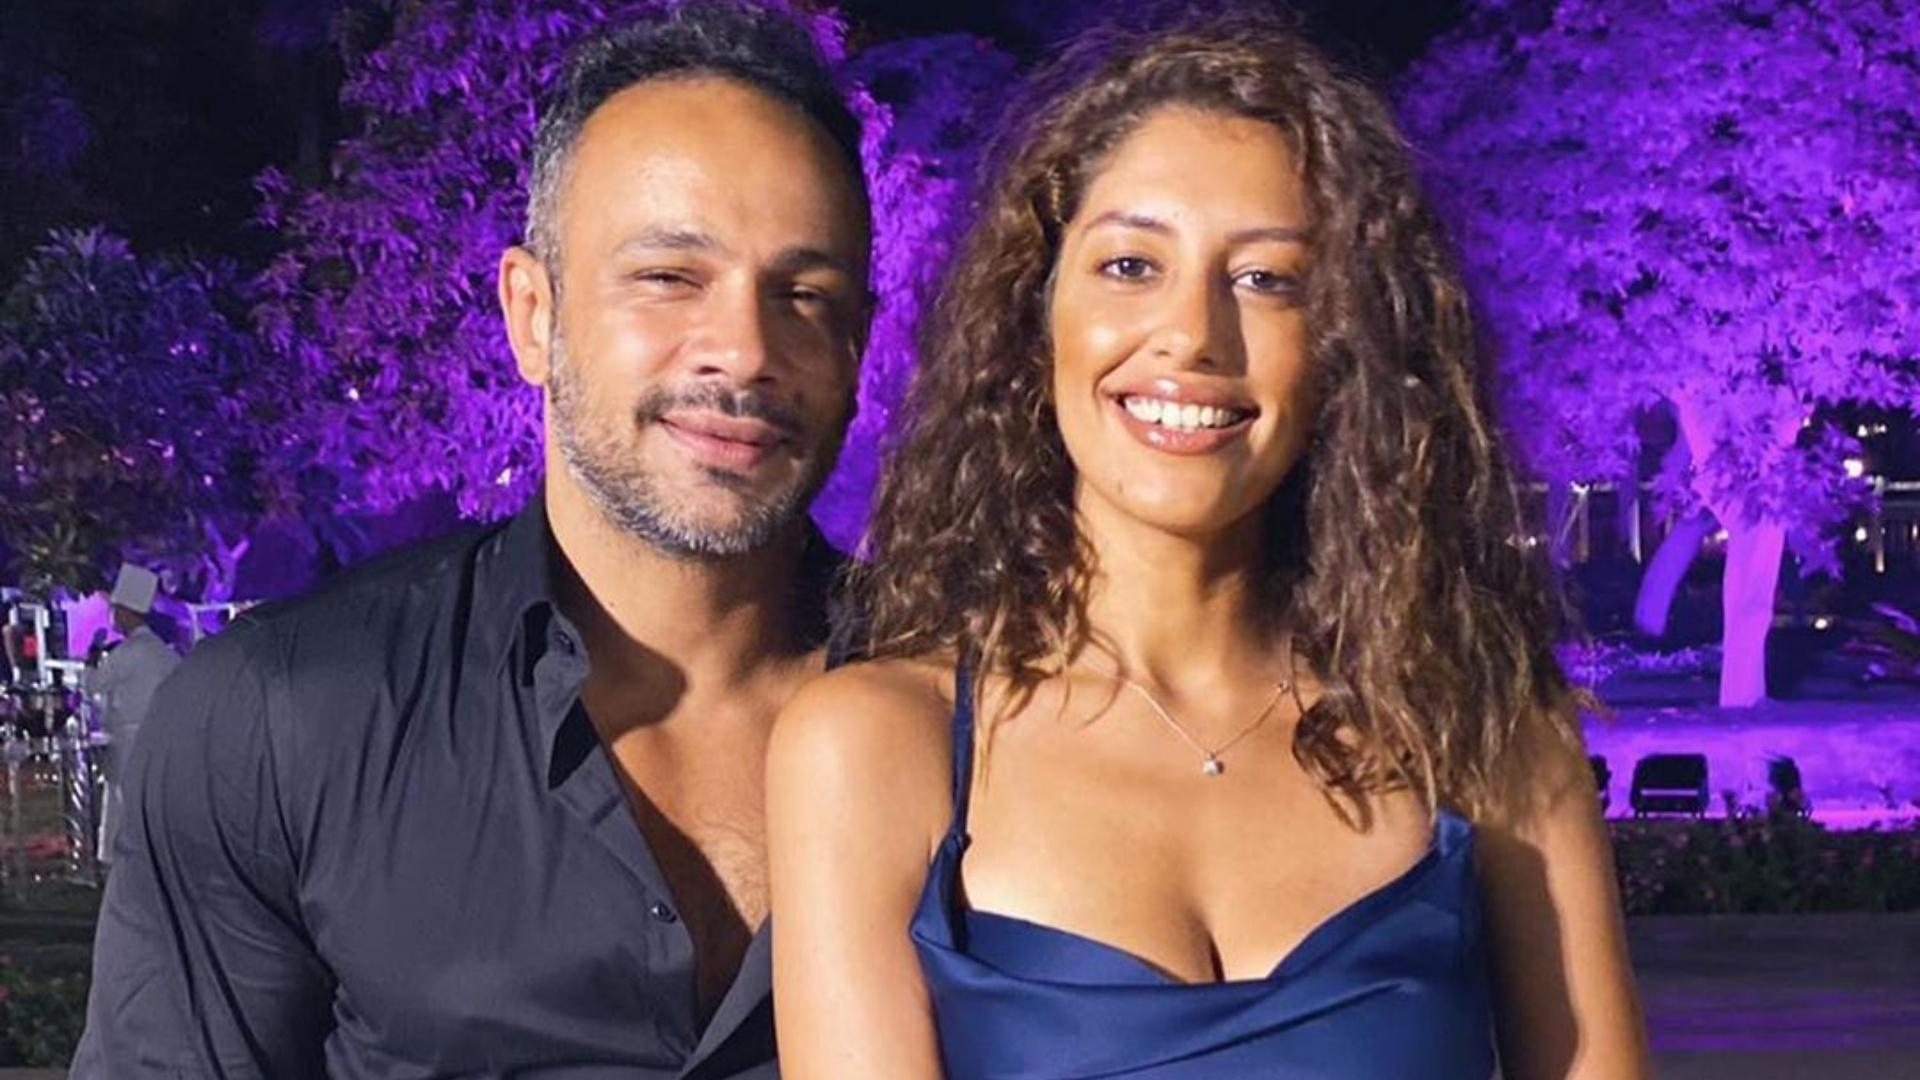 الفنان المصري محمد عطية والإعلامية المصرية ميرنا الهلباوي